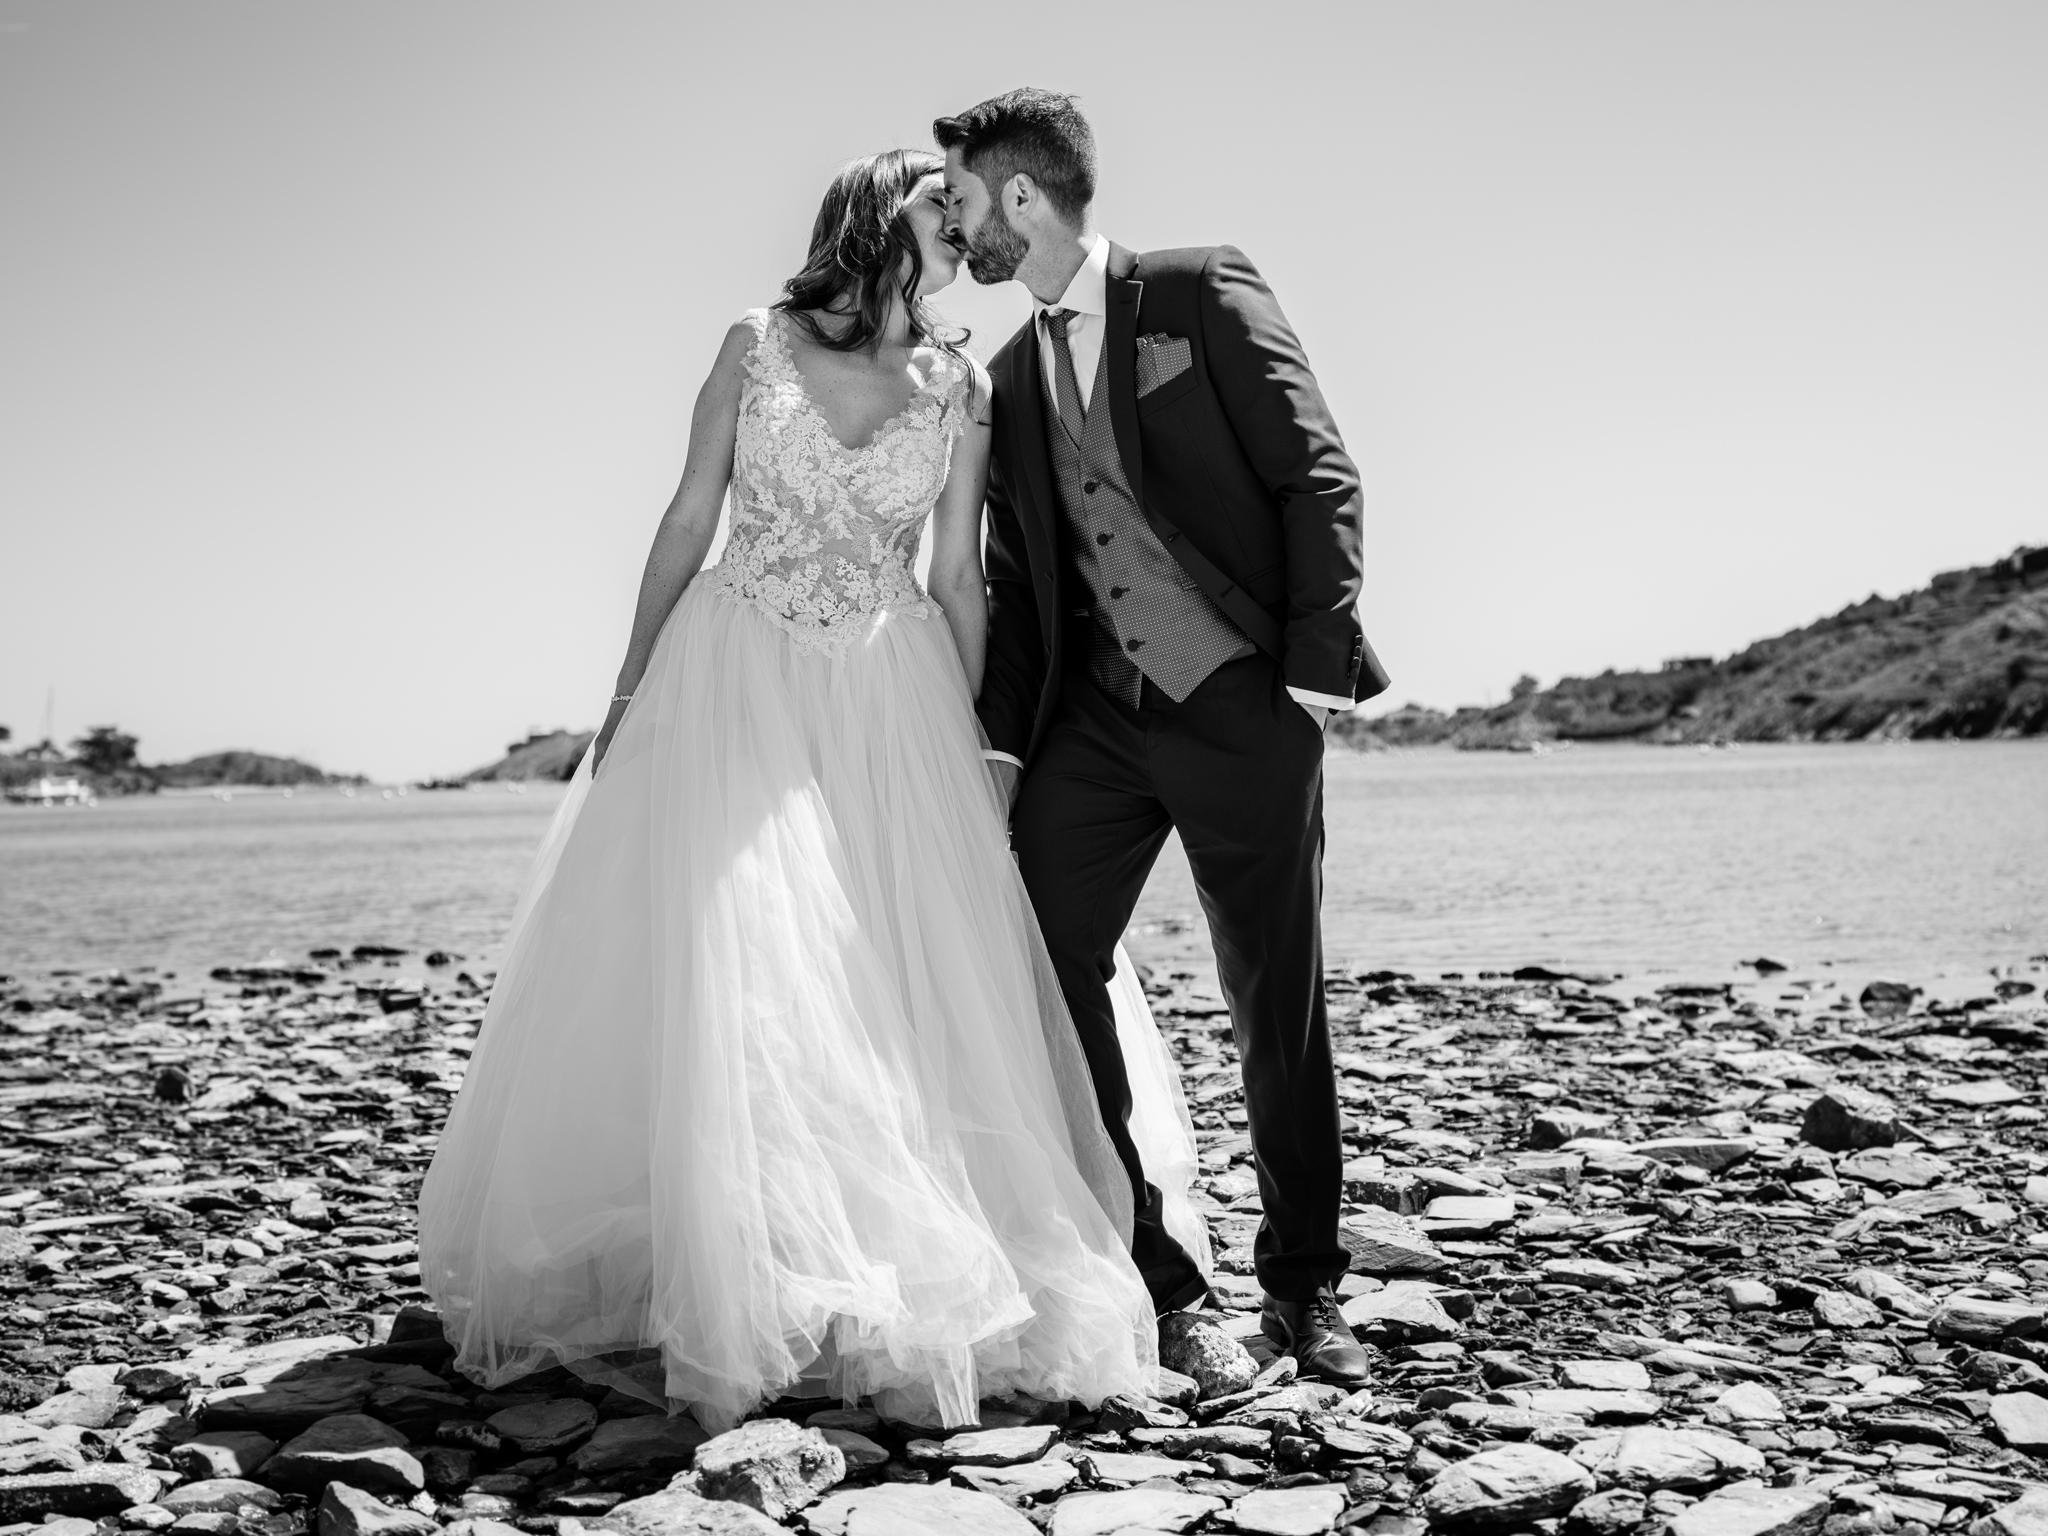 fotografia bodas cadaques13.jpg